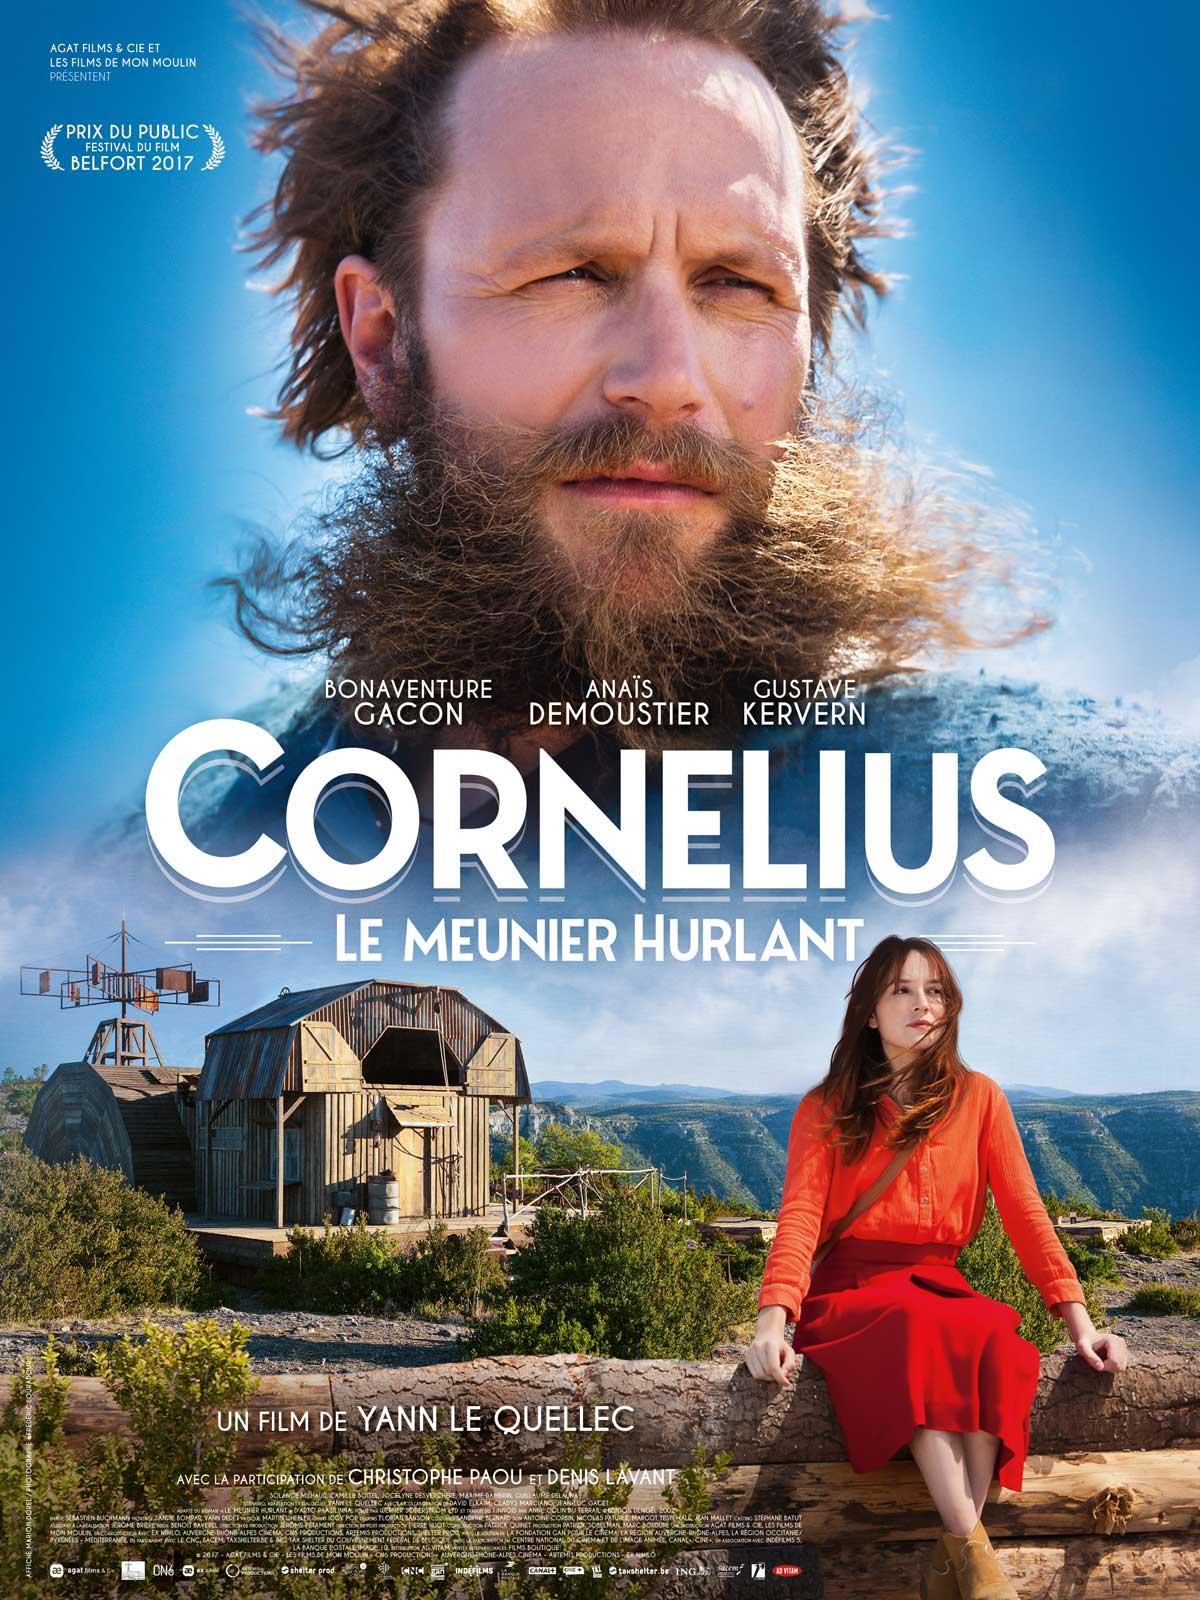 Cornélius, le meunier hurlant Français HDR